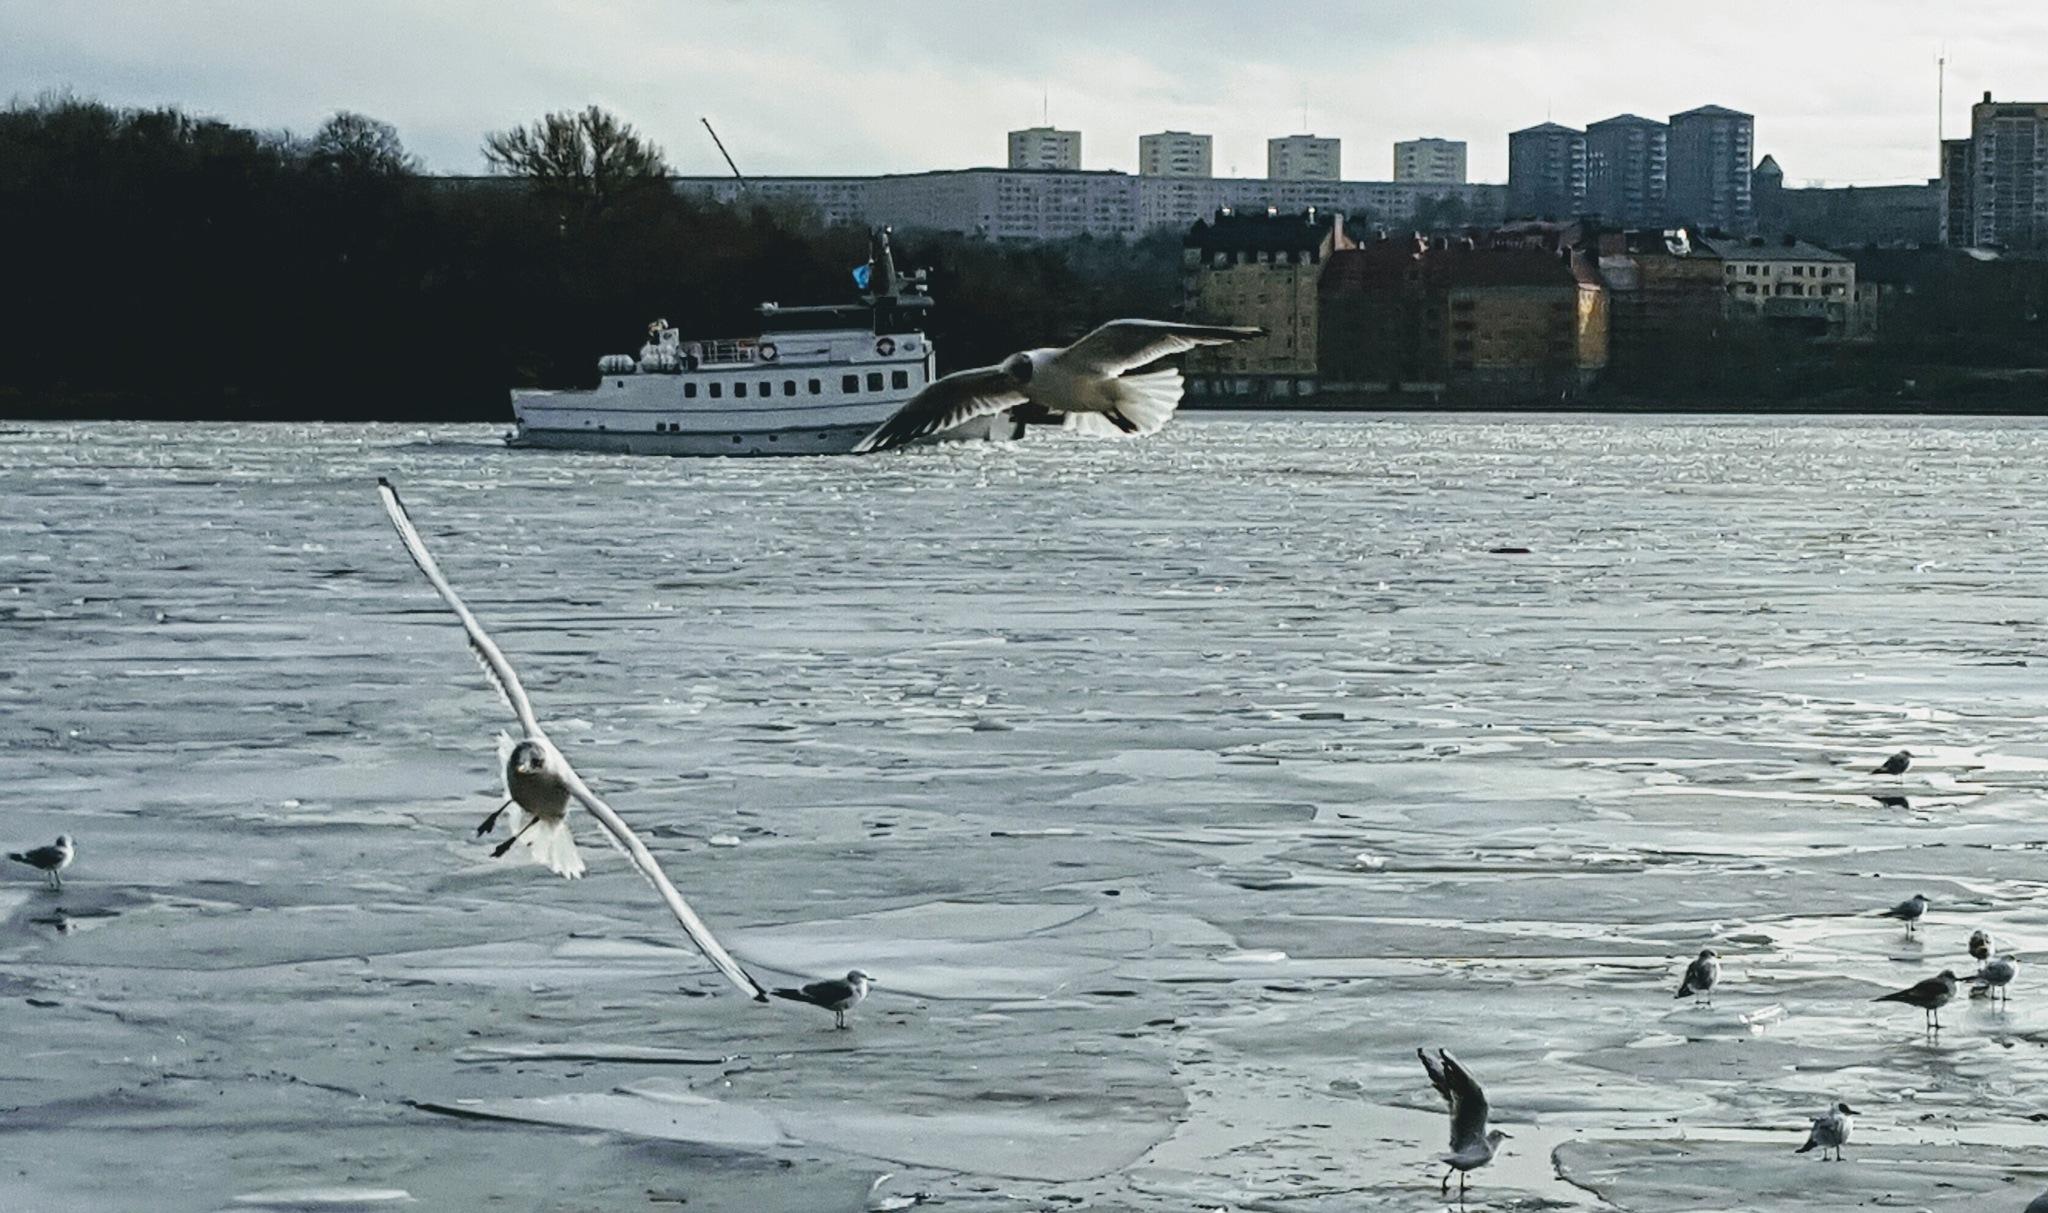 Winter in Stockholm  by Susanne Brännström